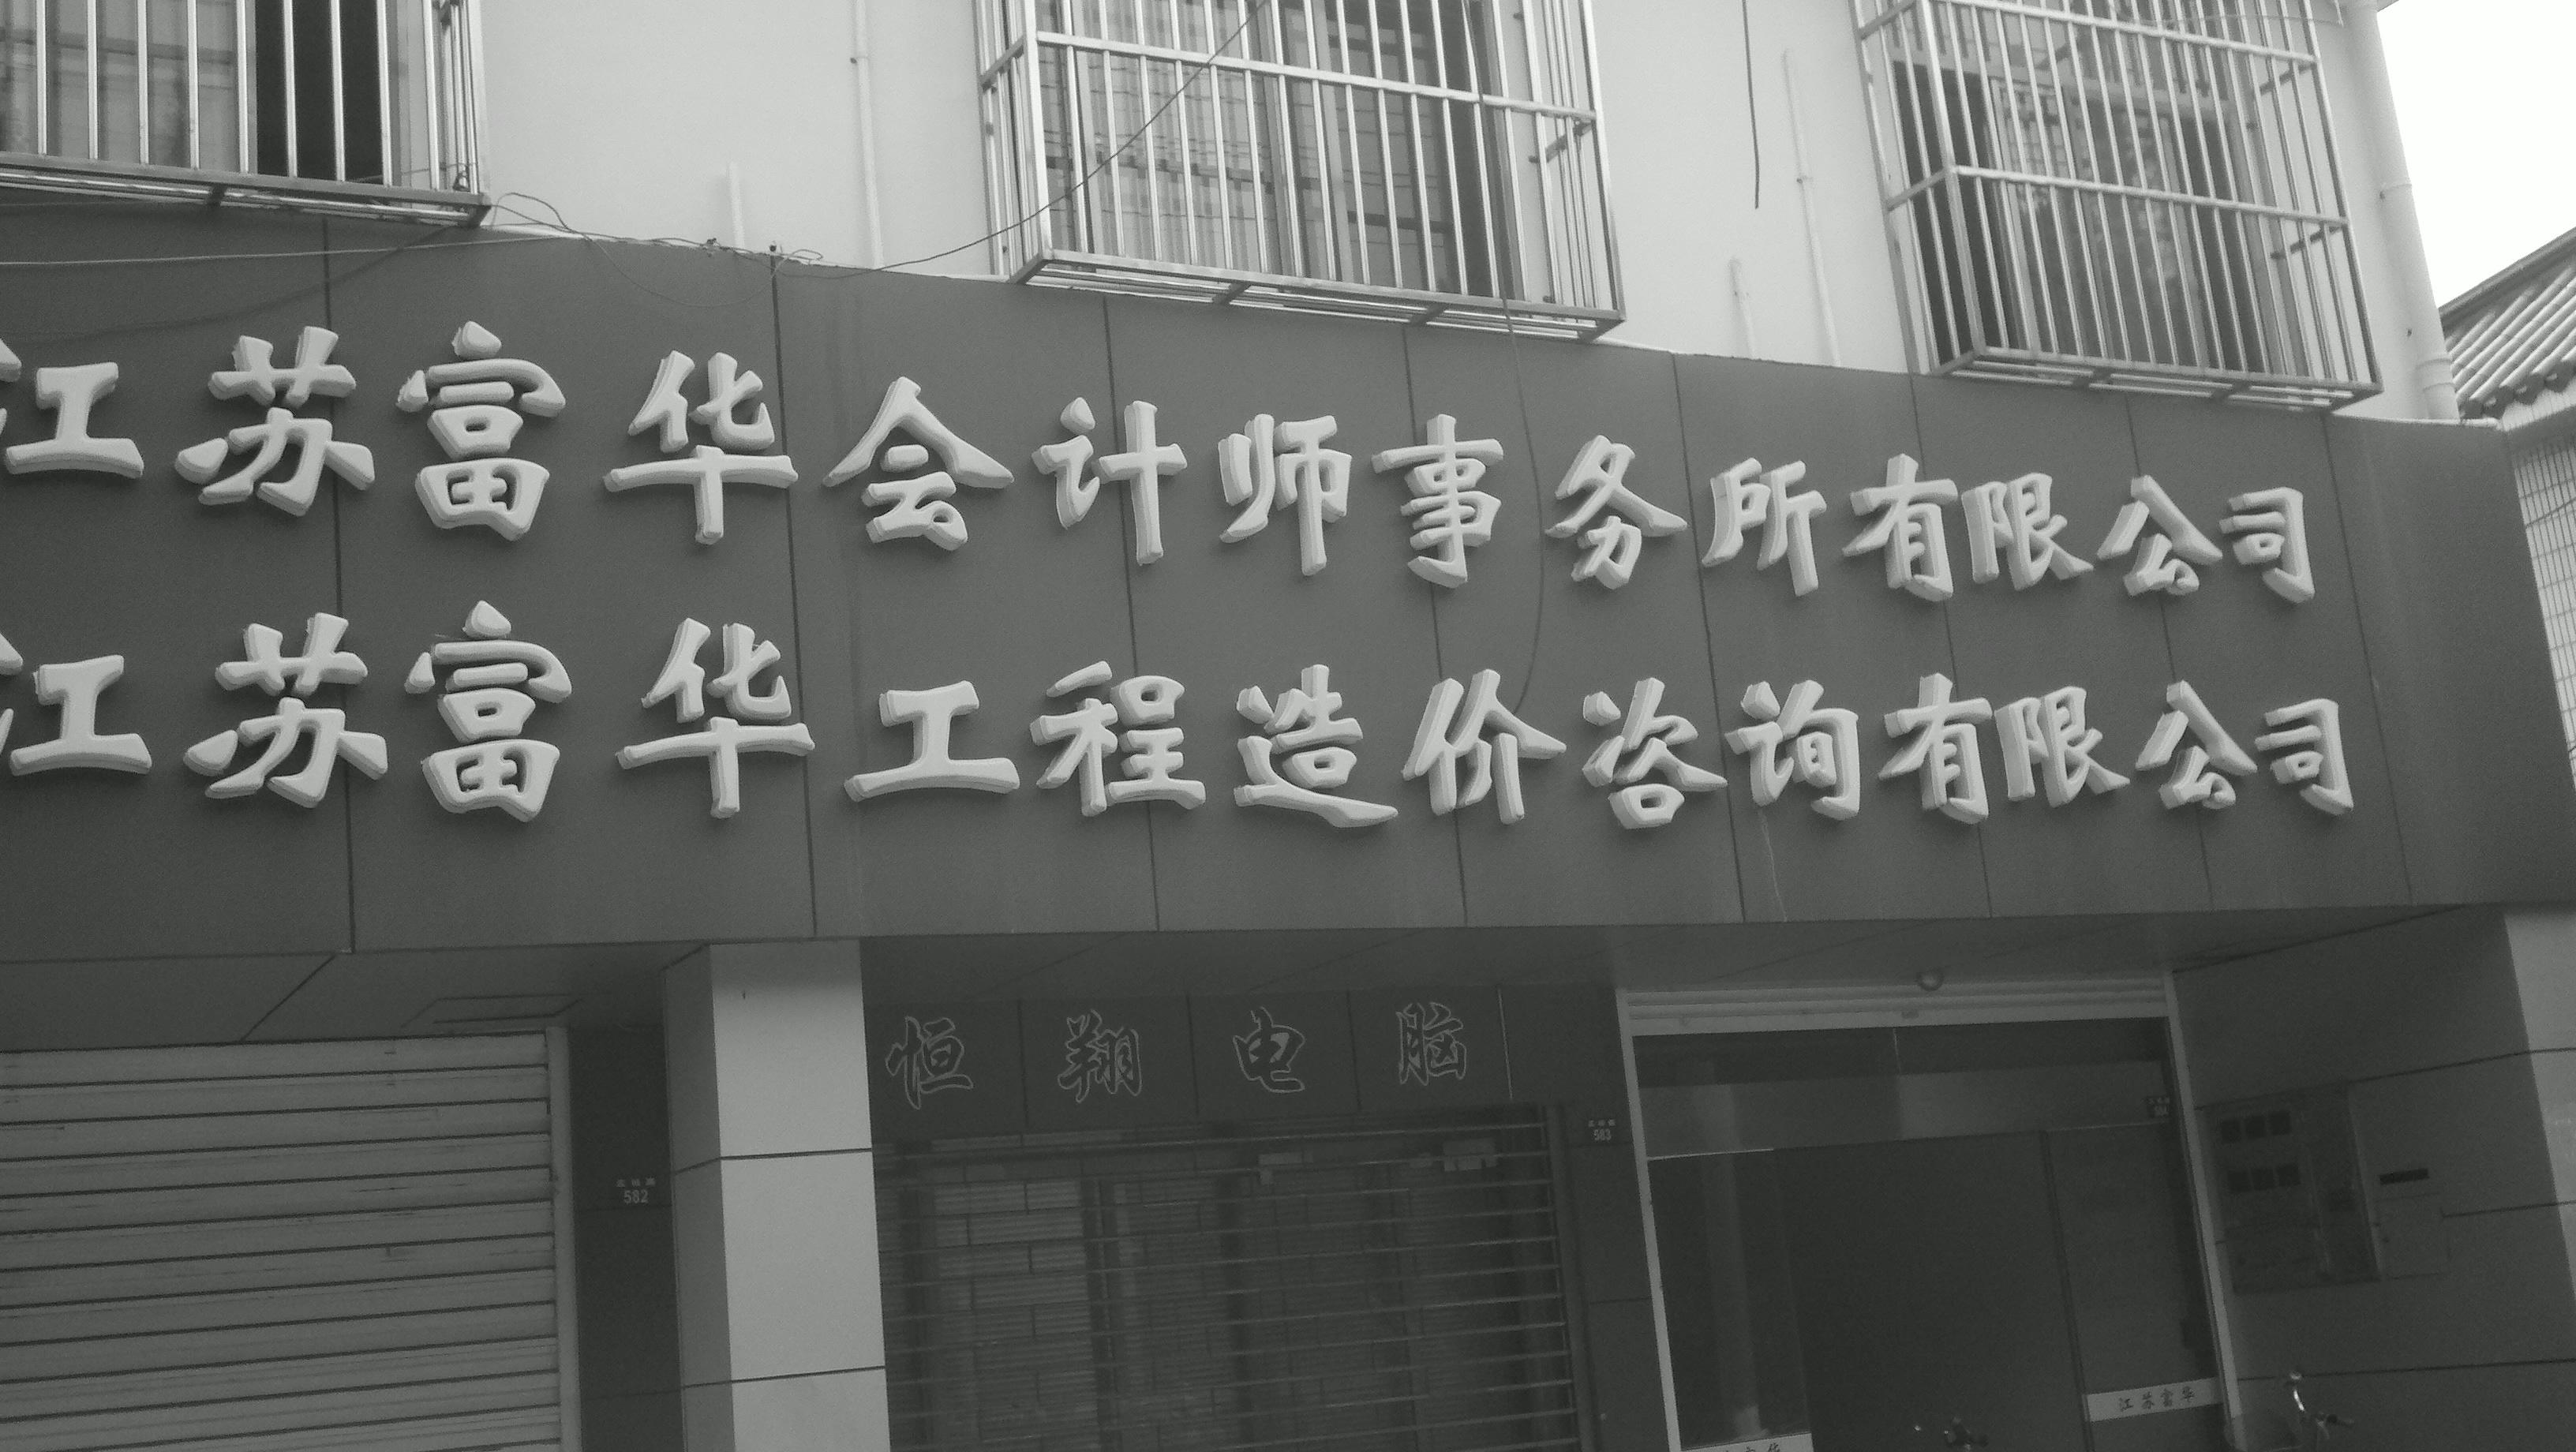 江蘇富華會計師事務所有限公司高郵分所